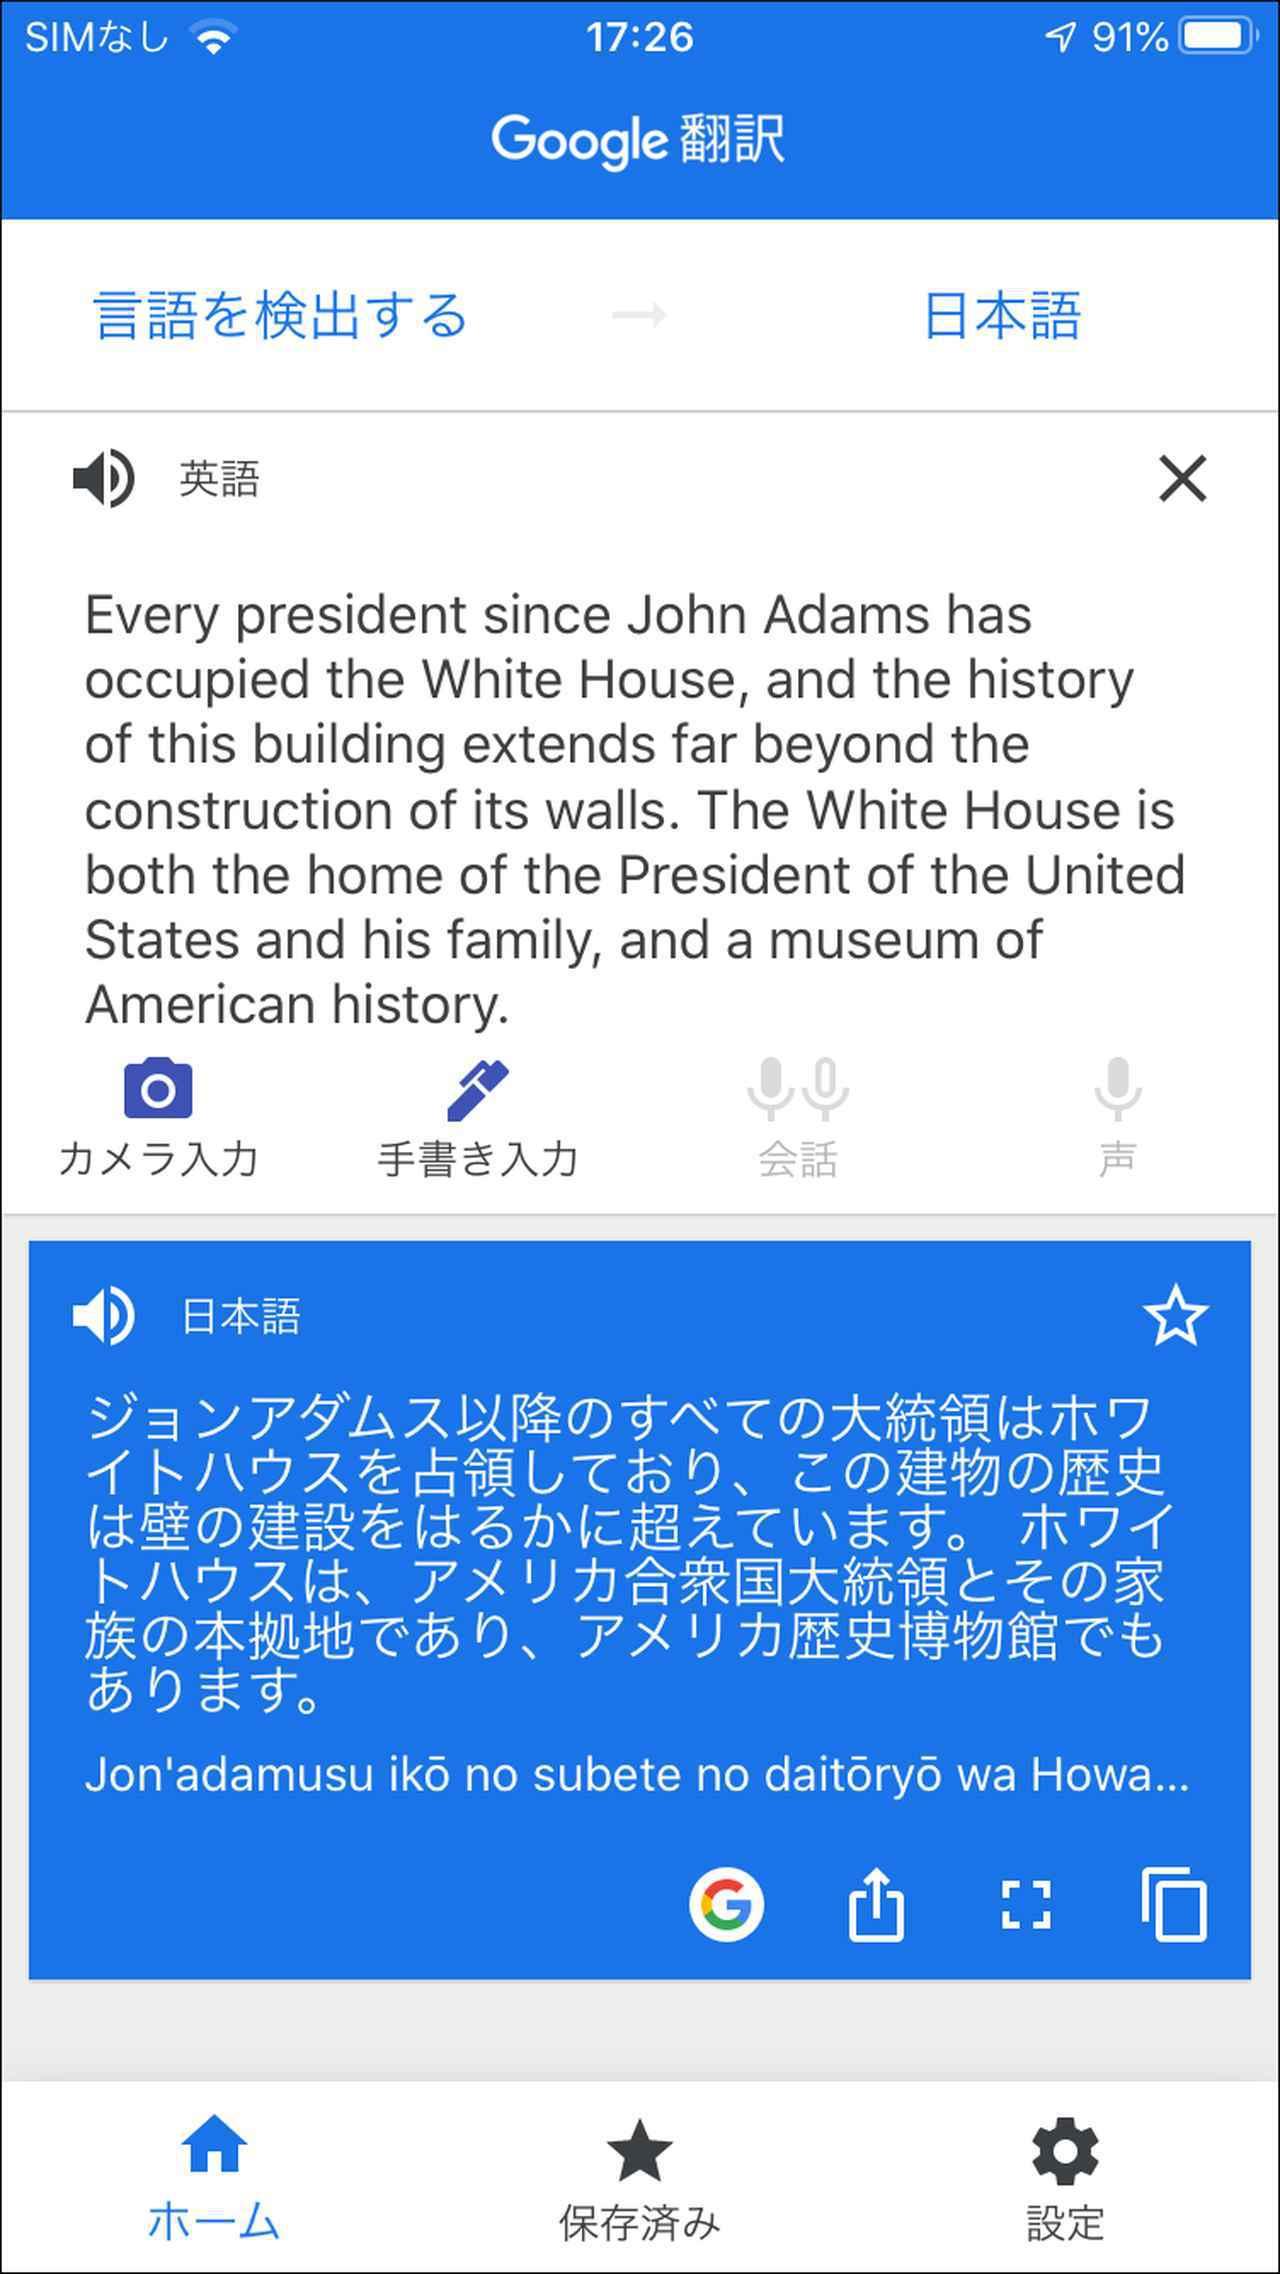 画像12: 【Google翻訳の使い方】オフラインモードやスピード翻訳、リアルタイム翻訳など マスターしておきたい便利ワザ5選